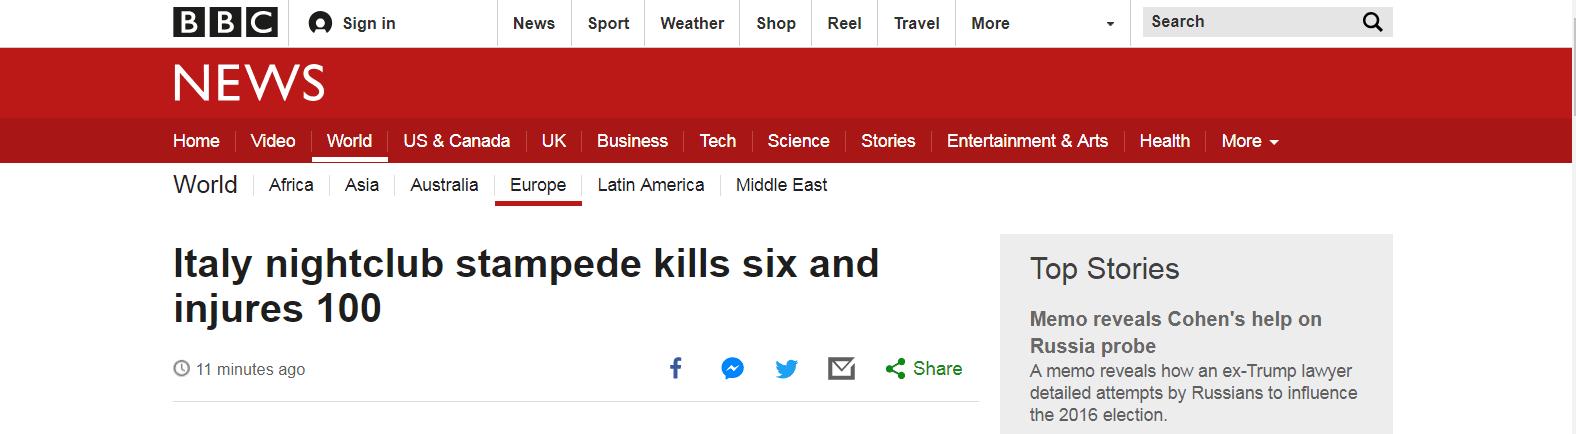 疑似胡椒喷雾导致意大利夜店发生踩踏,6人死亡至少120人受伤